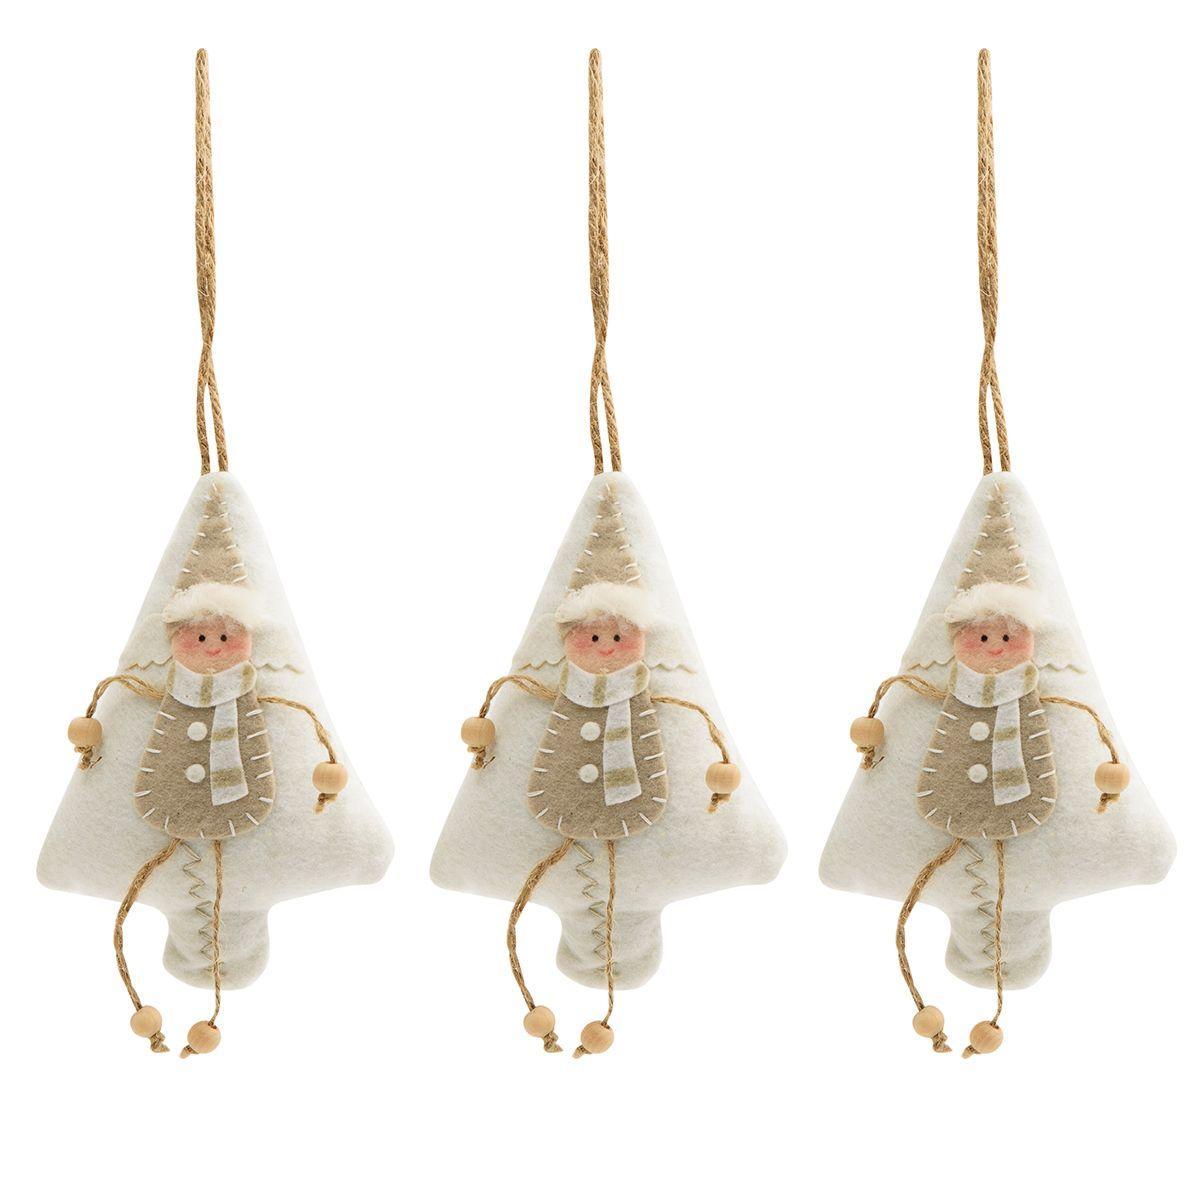 Тканые новогодние игрушки в виде белых ёлочек, набор 3 шт.